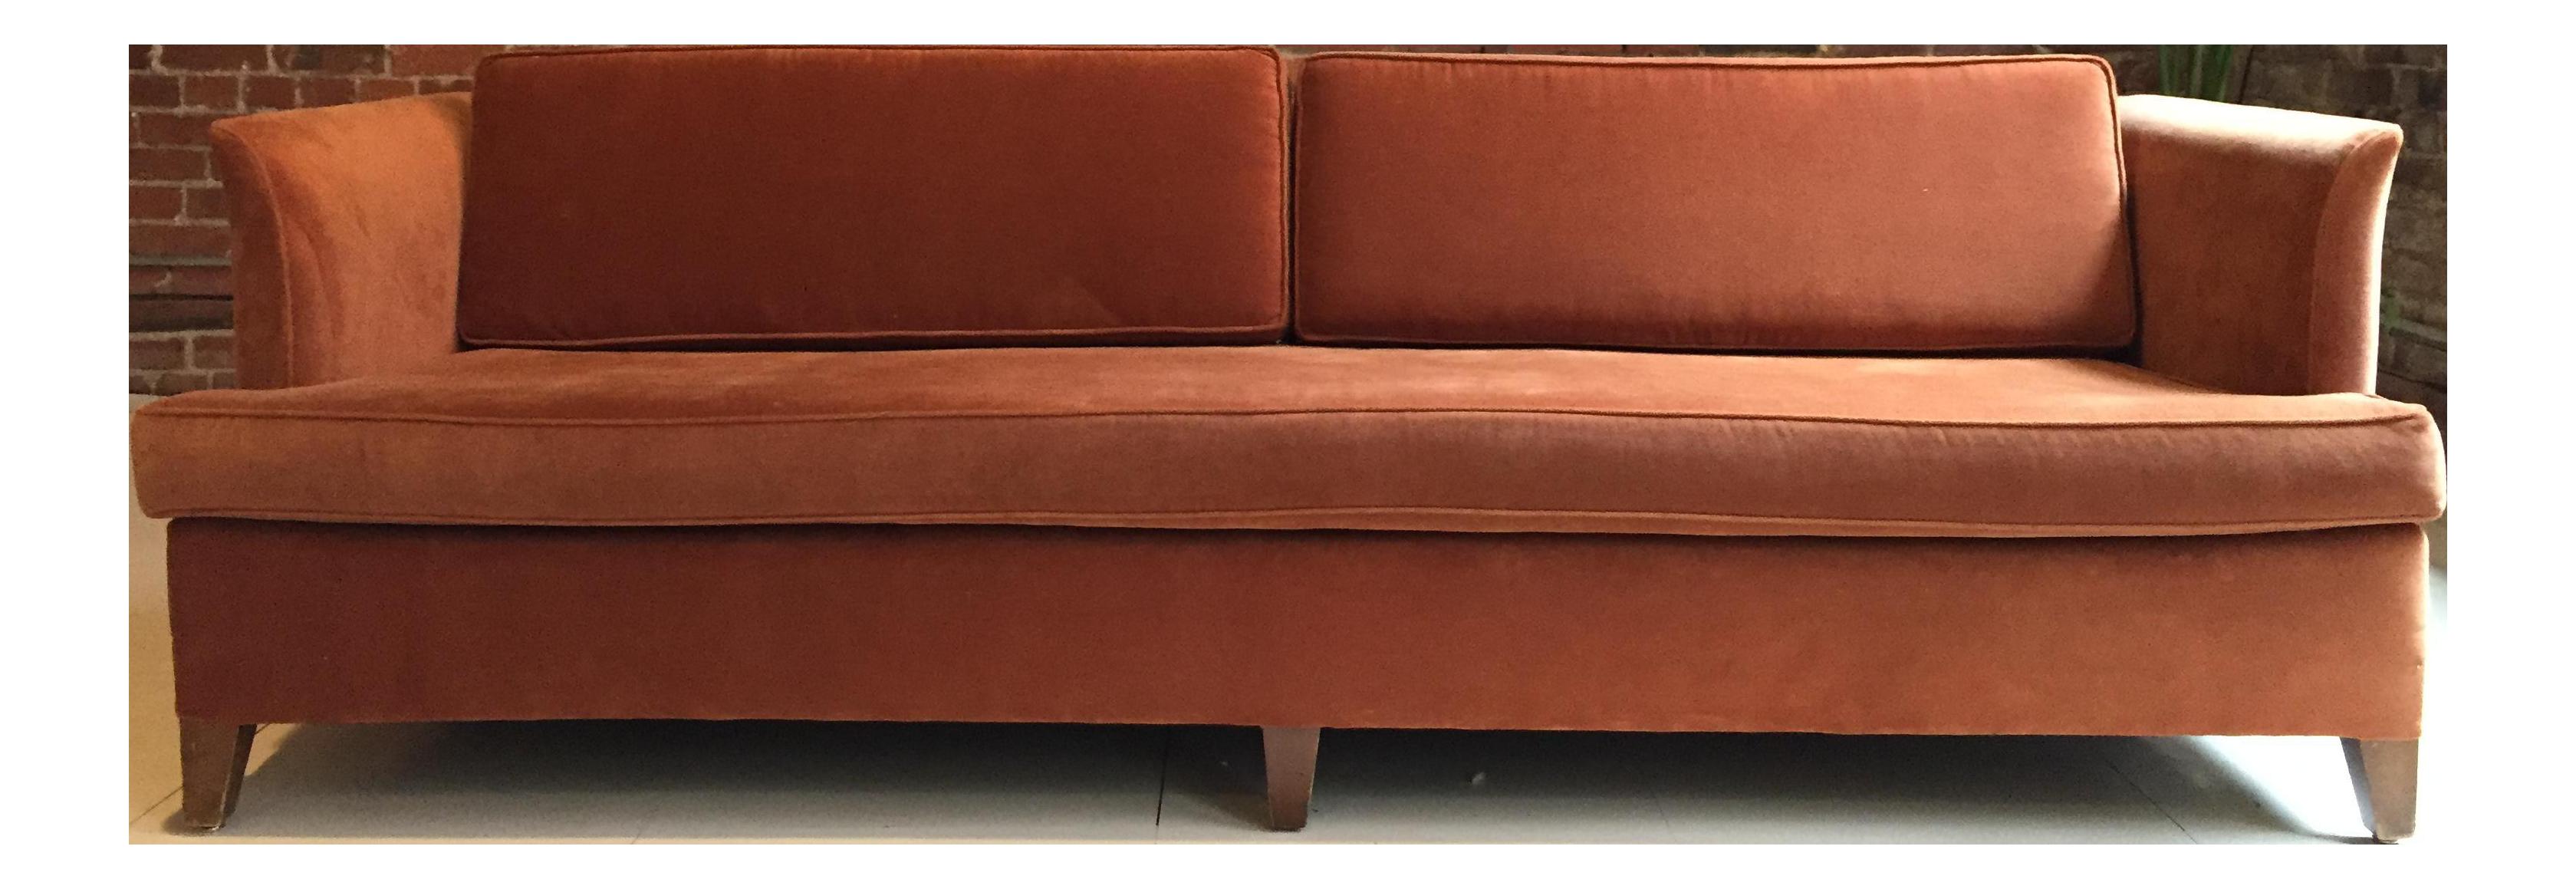 Mid Century Burnt Orange Tuxedo Sofa